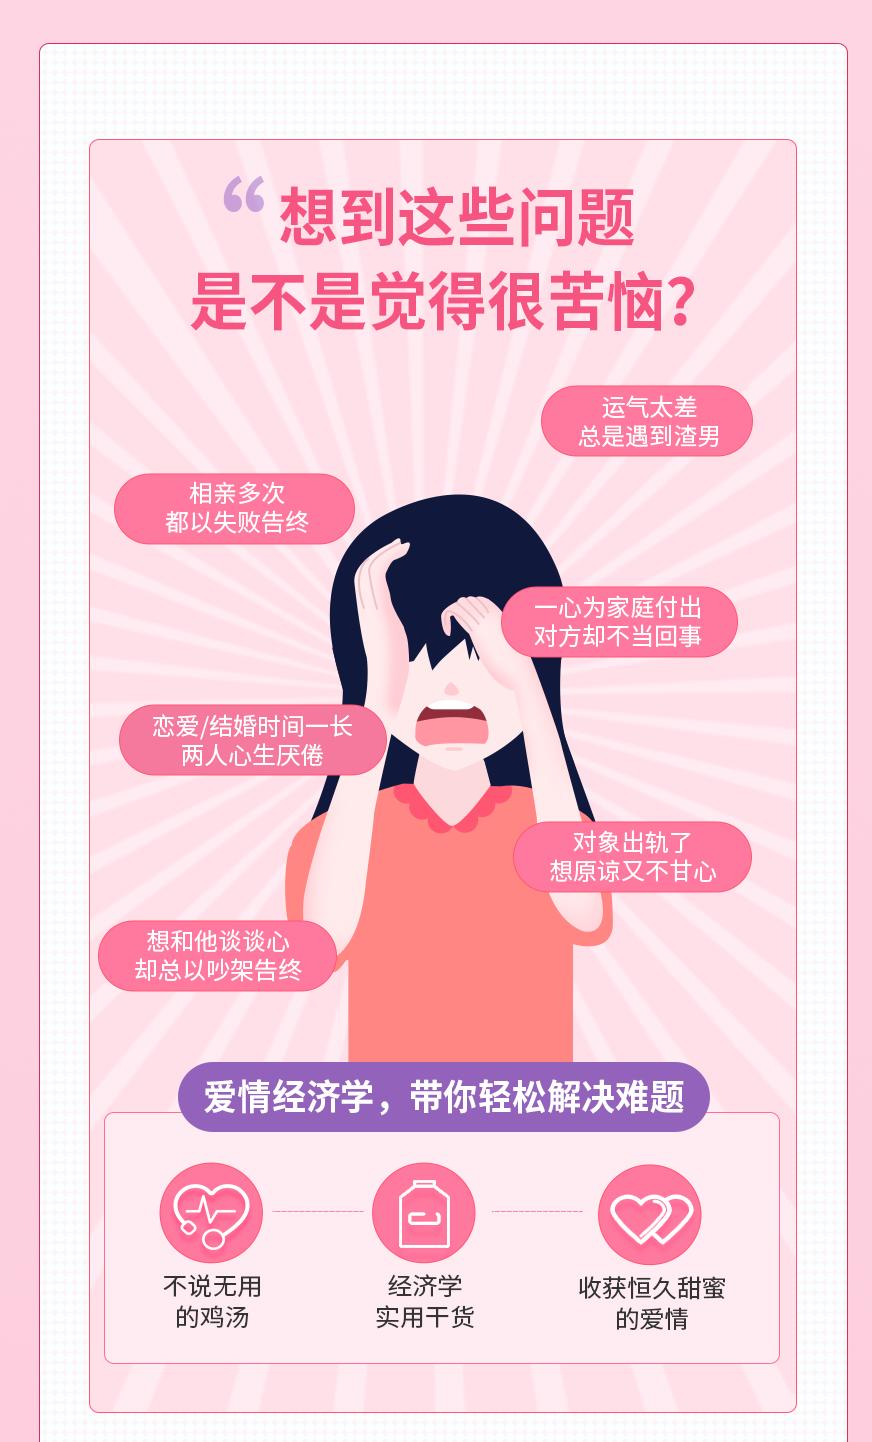 折偶经济学详情-优化版本_02.png